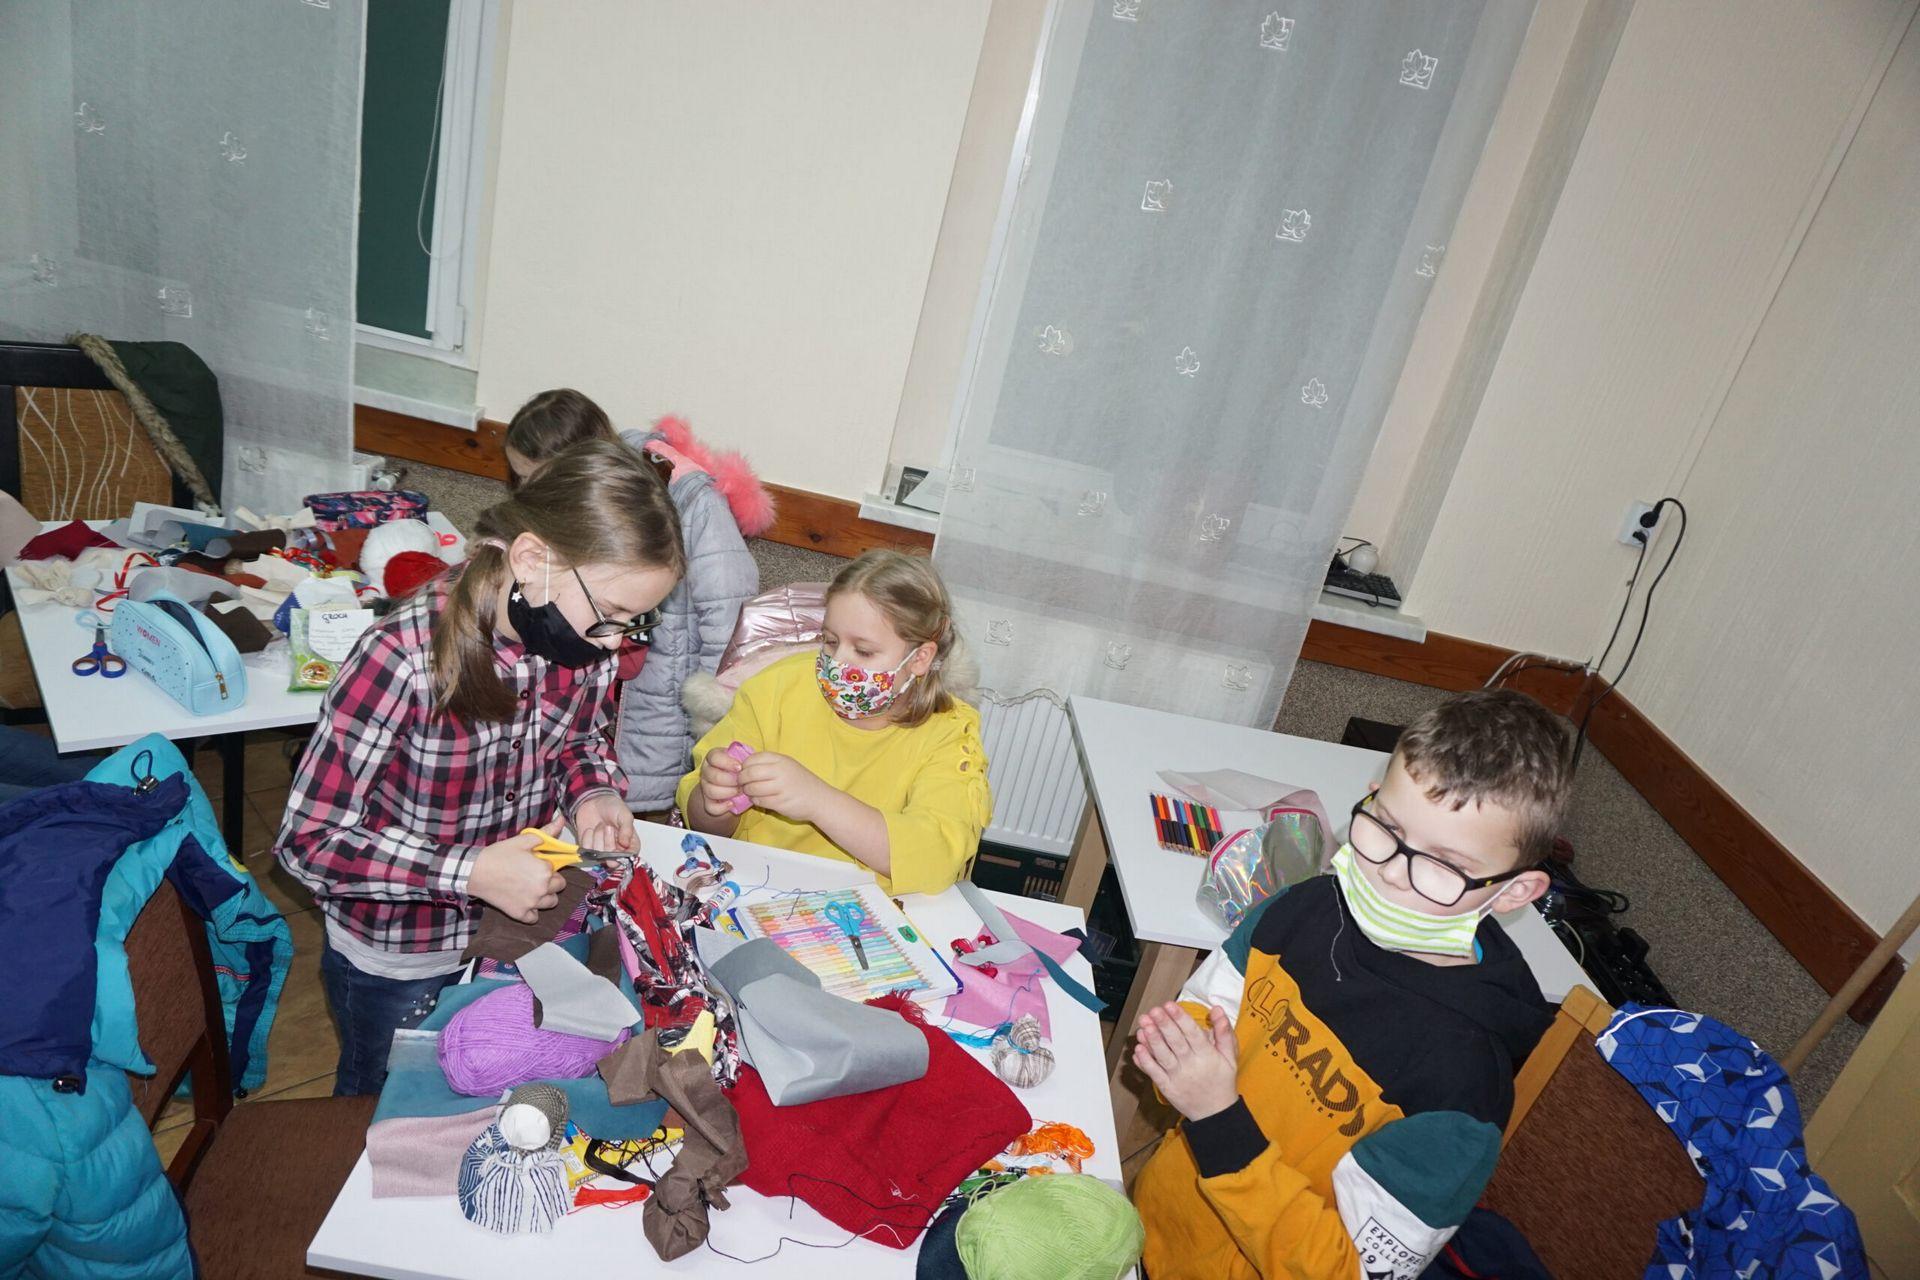 Trójka dzieci siedząca przy stole i wykonujące prace warsztatowe laleczki życzeń